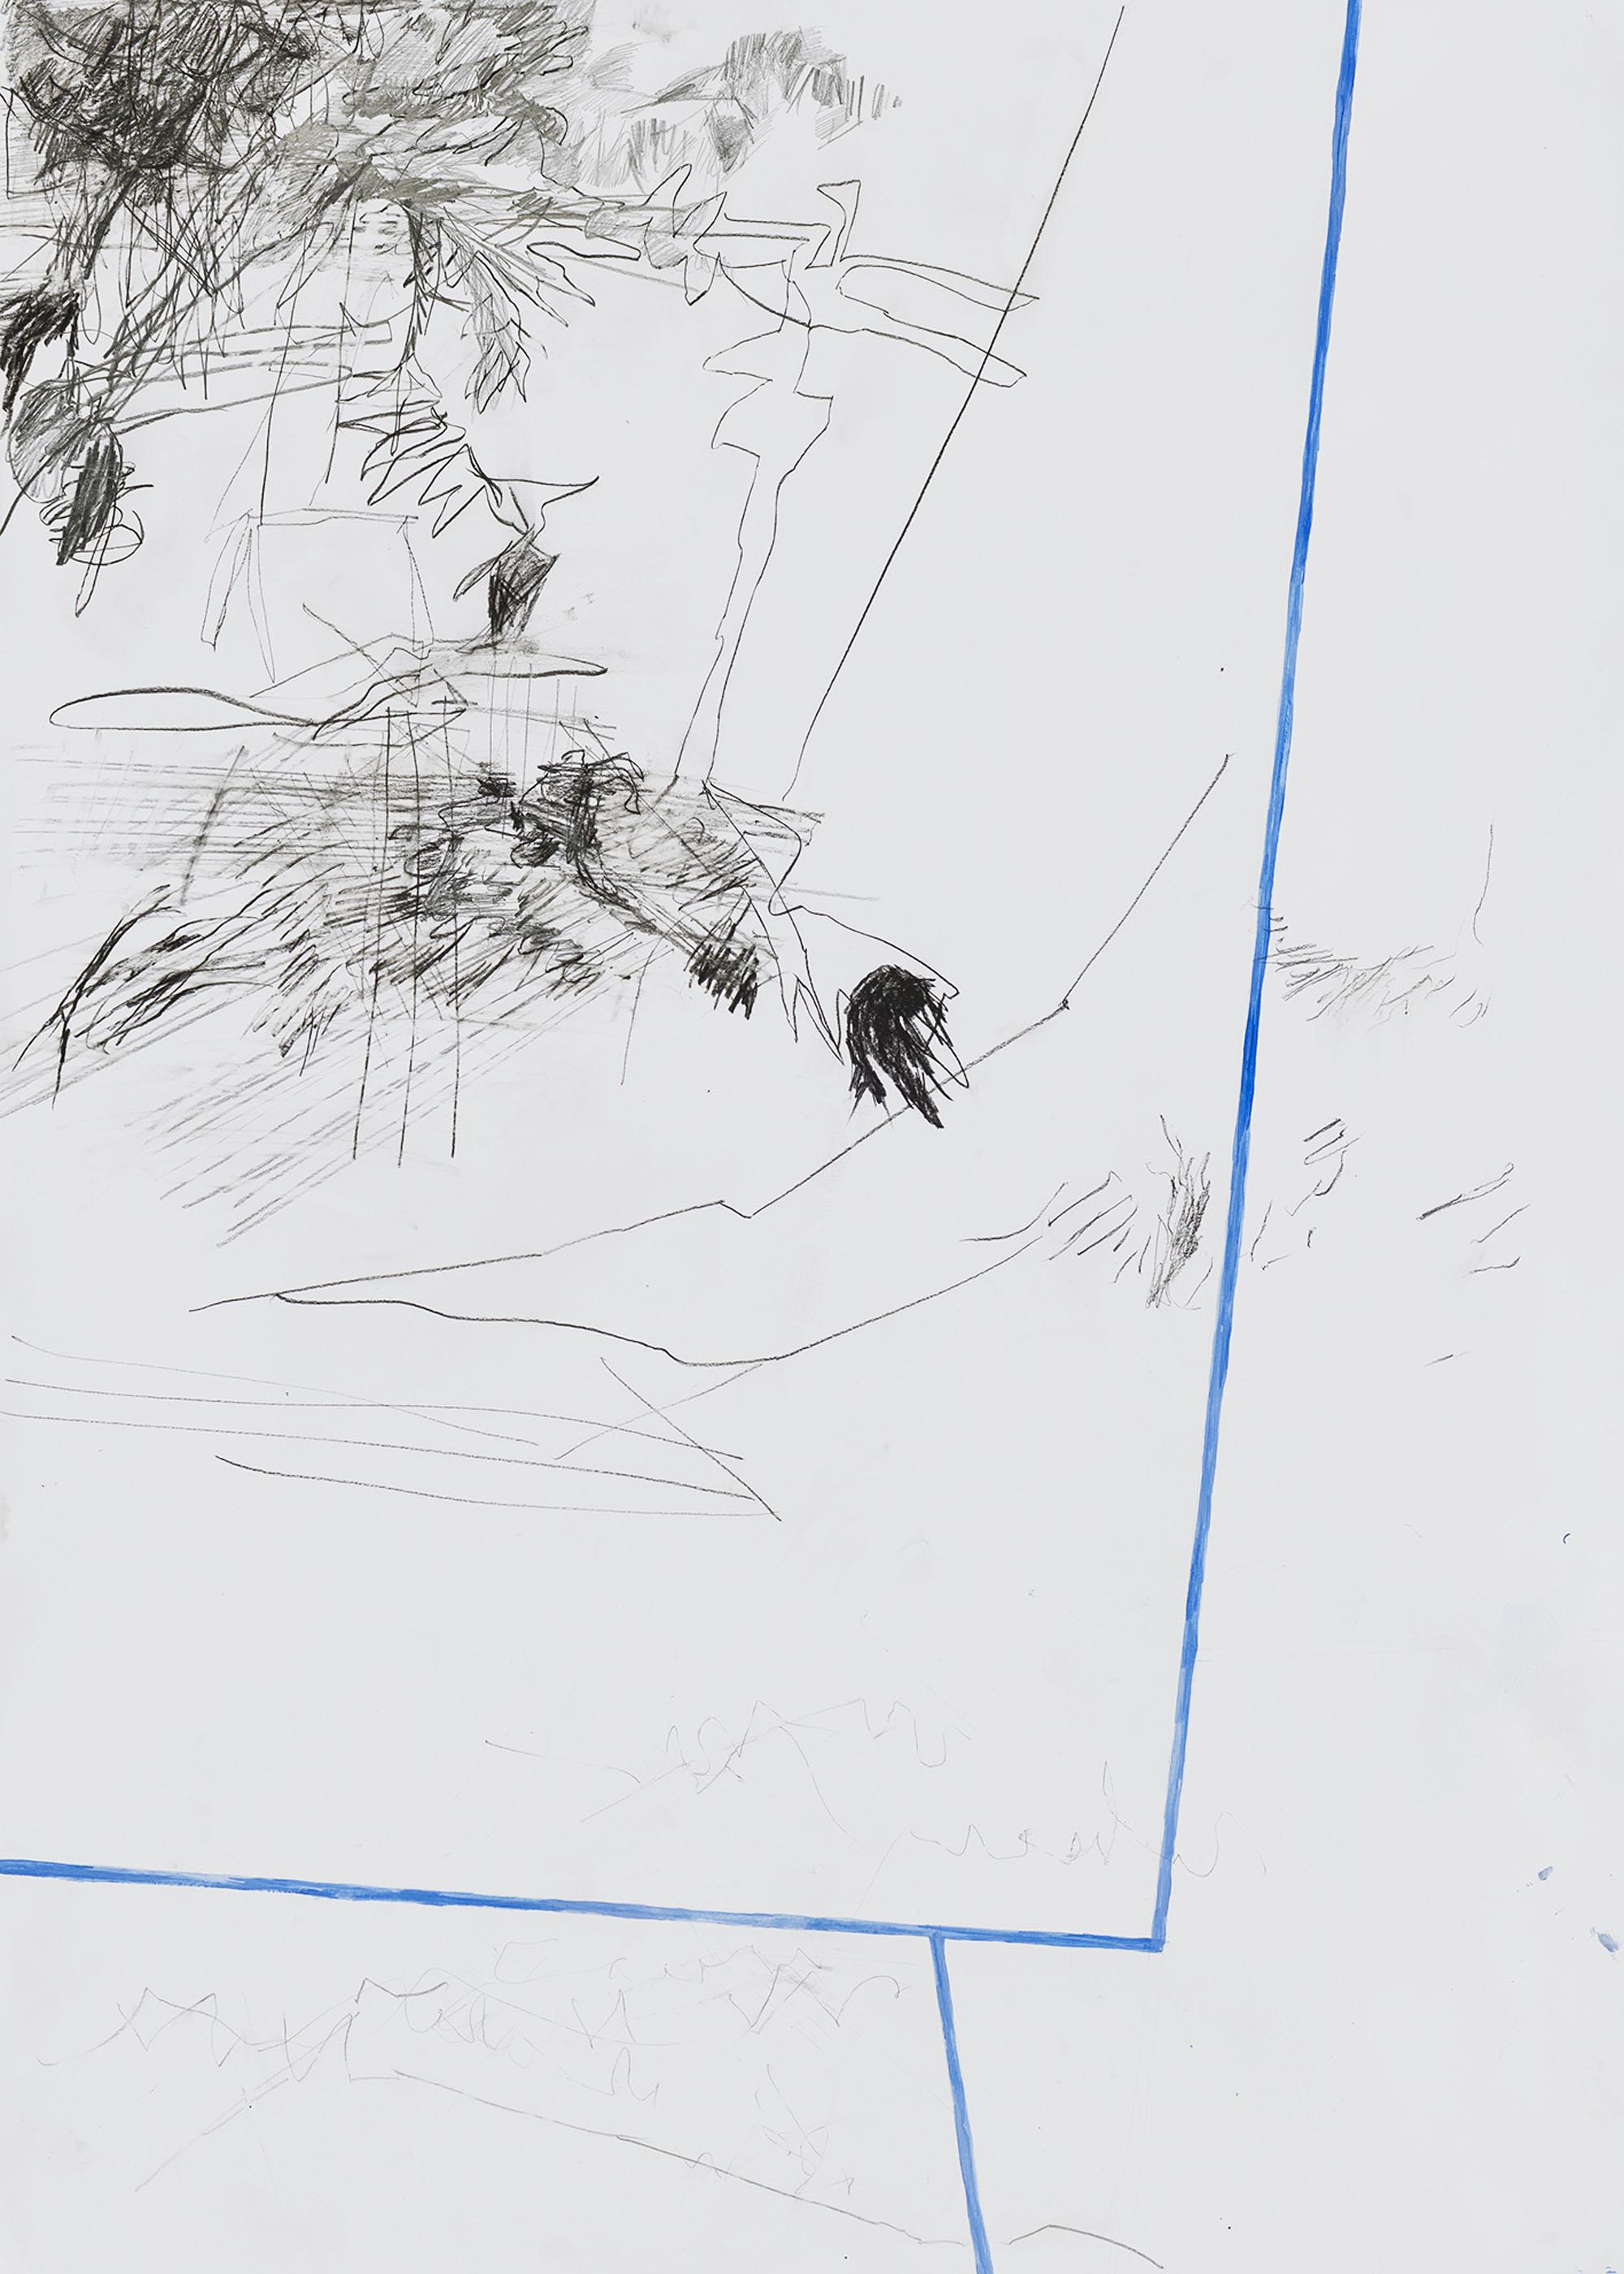 Béatrice_Nicolas_TECHNIQUE MIXTE SUR PAPIER, 84 X 59,4 CM, 2015